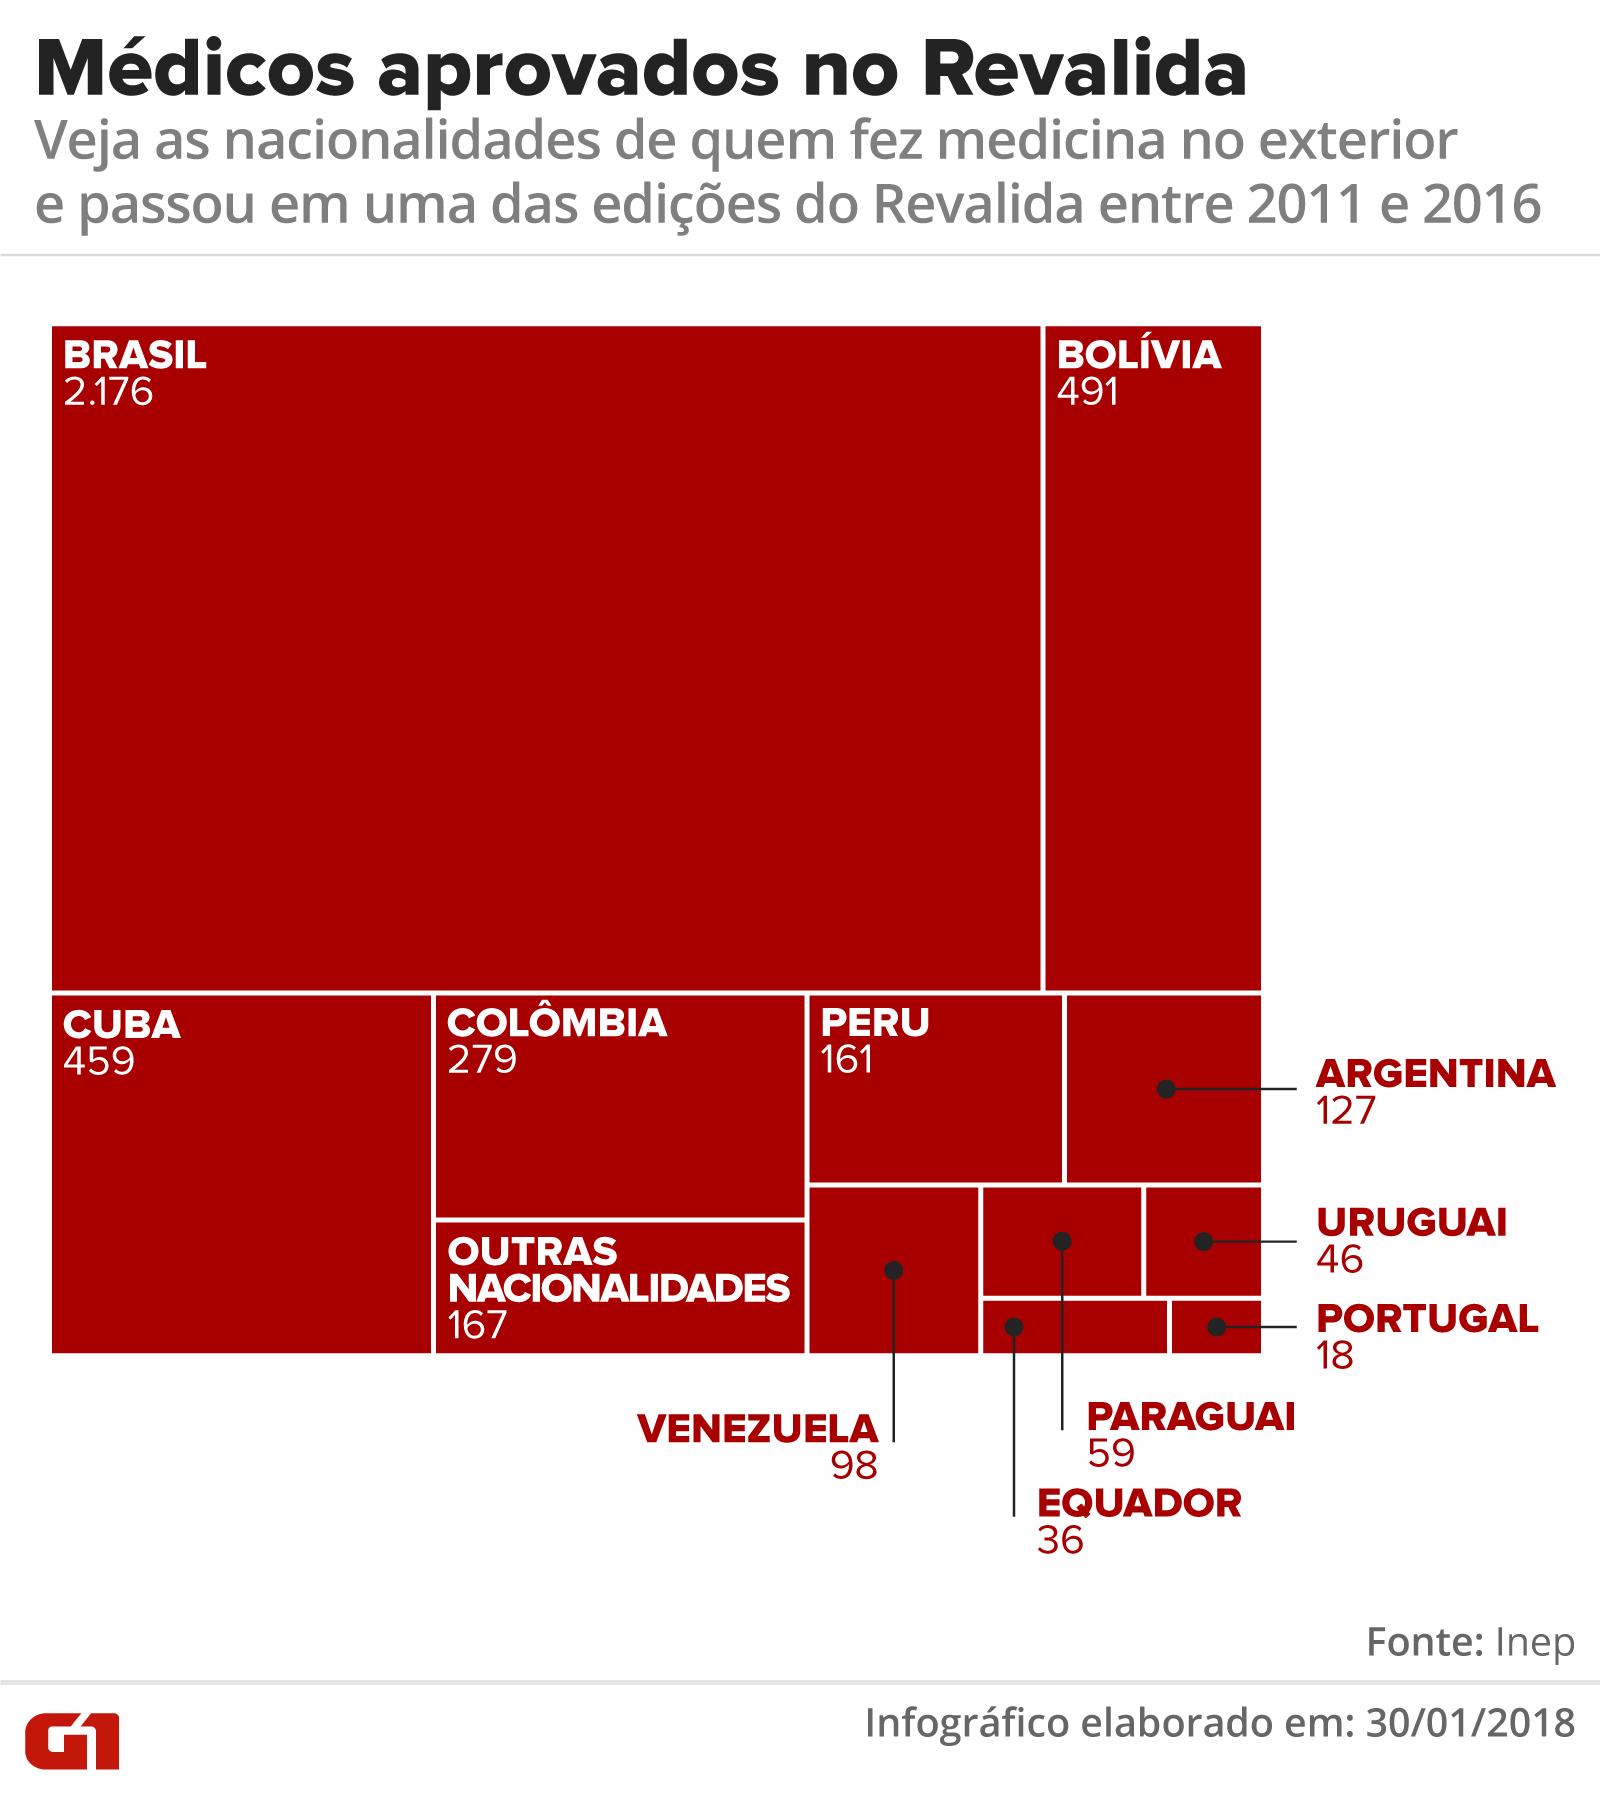 grafico-medicos-aprovados-revalida-nacio